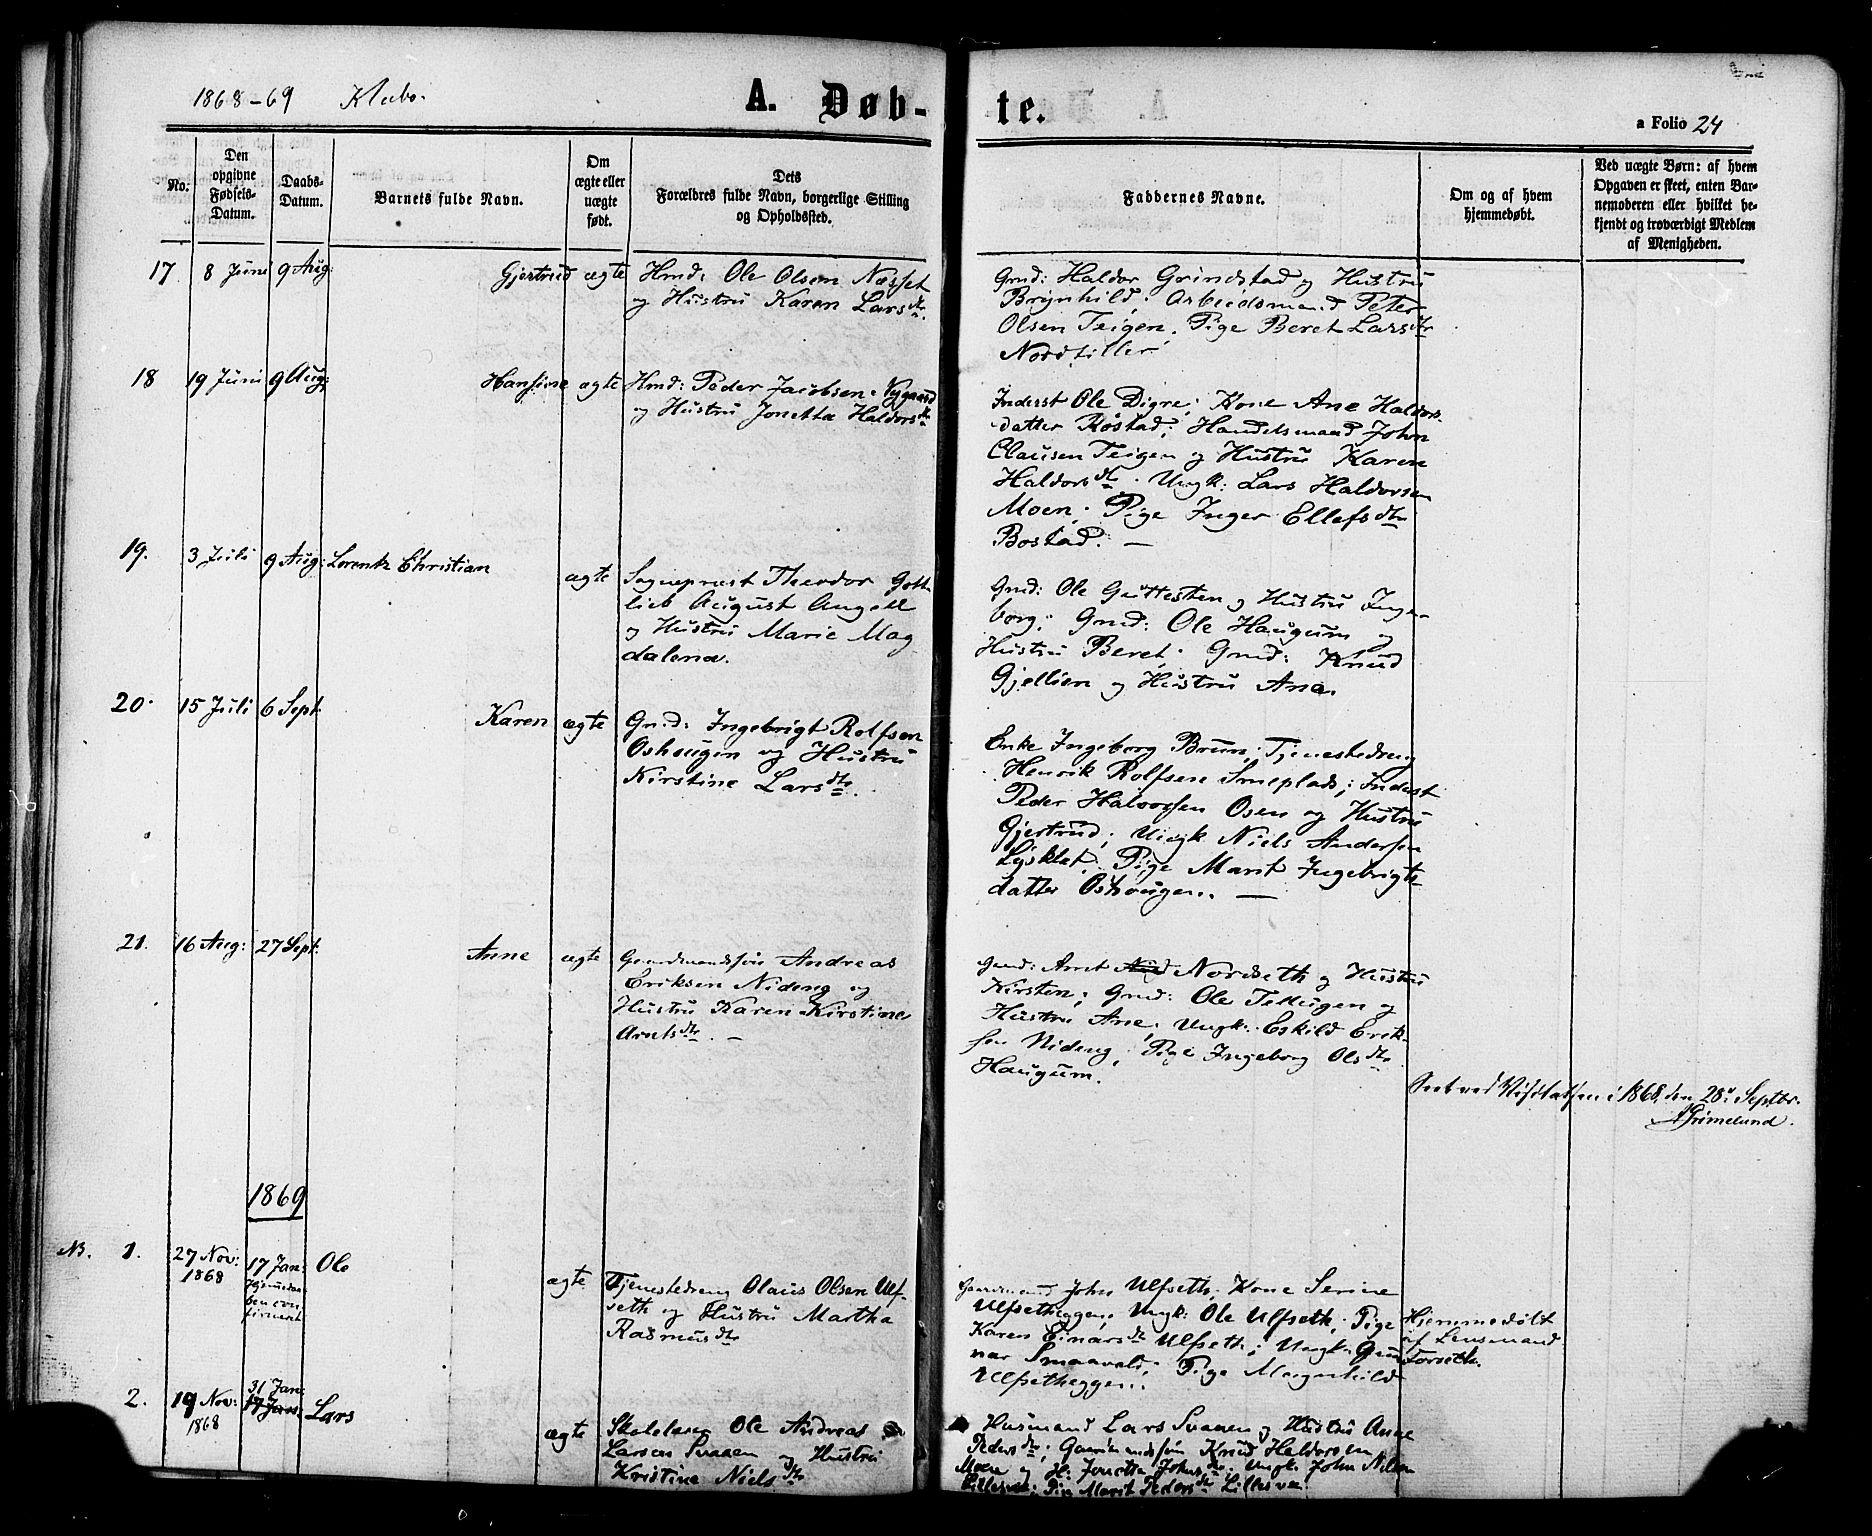 SAT, Ministerialprotokoller, klokkerbøker og fødselsregistre - Sør-Trøndelag, 618/L0442: Ministerialbok nr. 618A06 /1, 1863-1879, s. 24